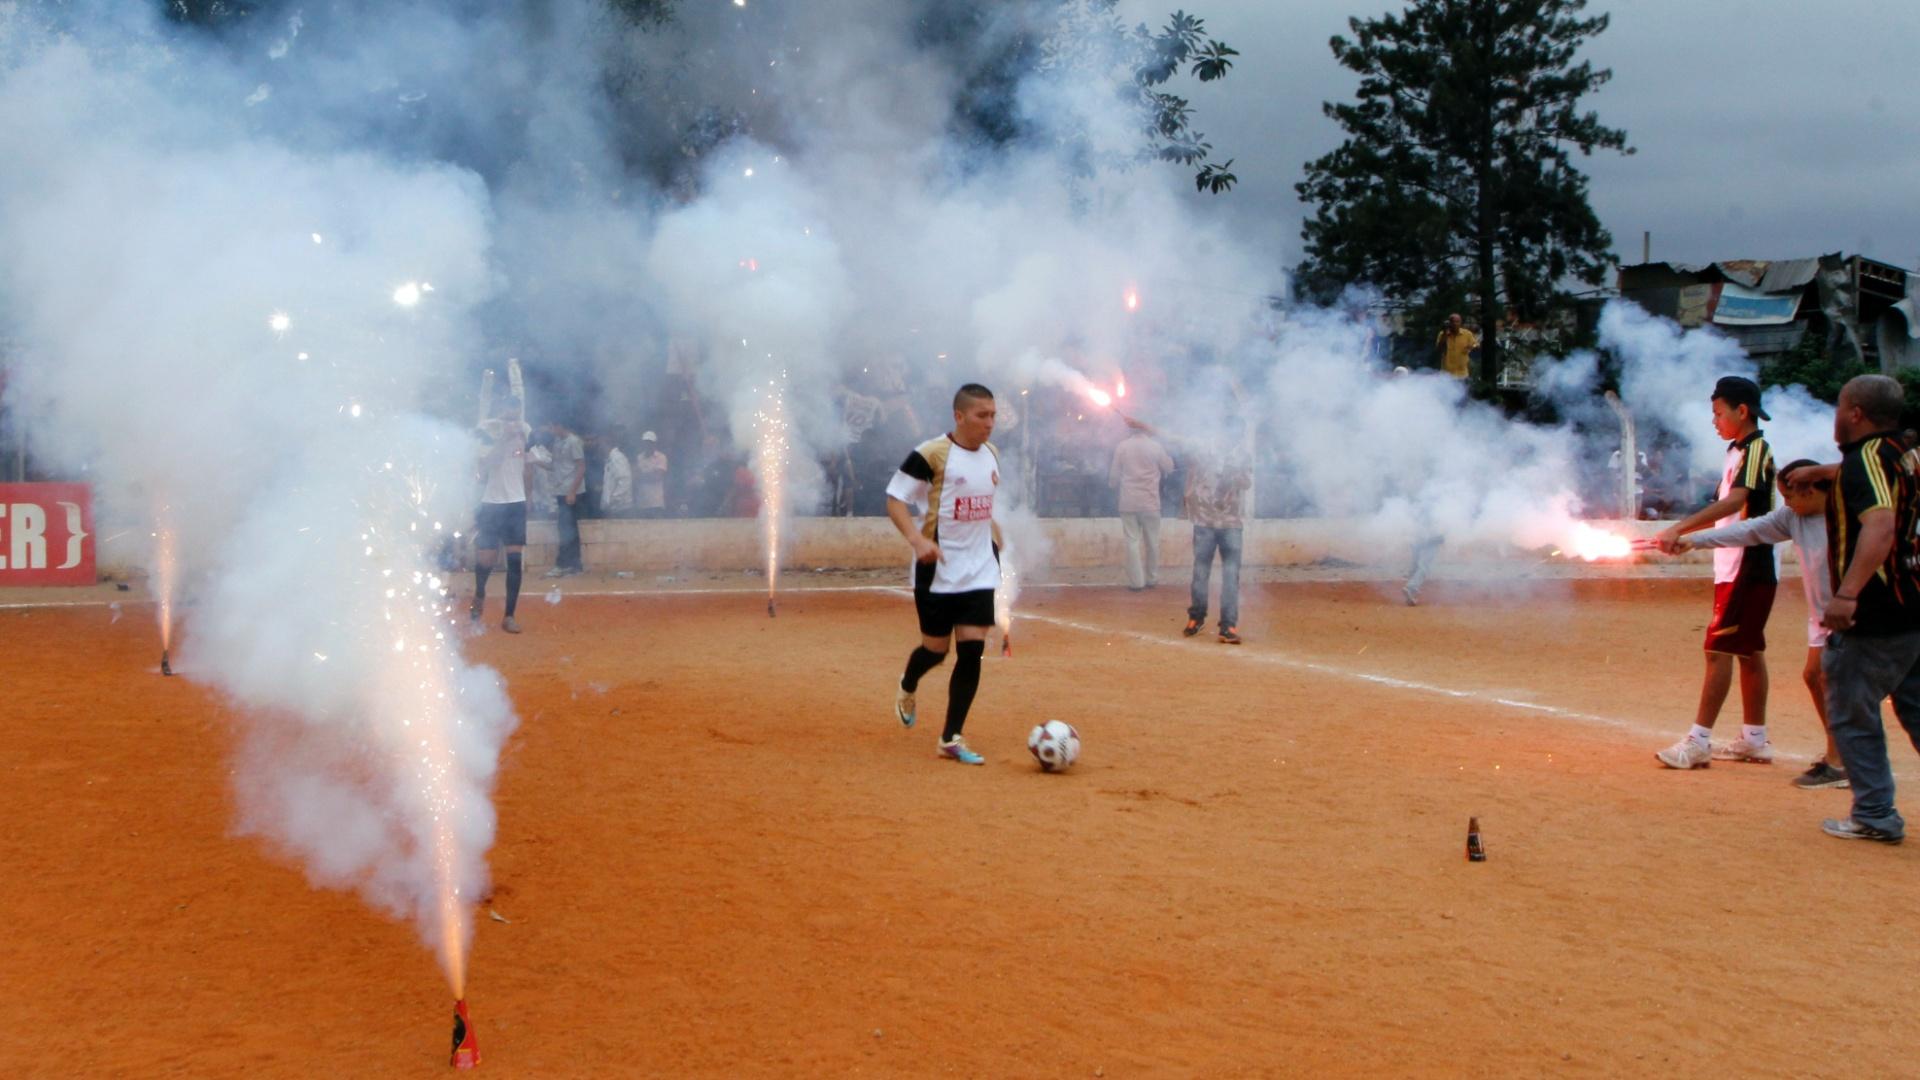 Crianças com camisas do Juventus apoiam o ime com fogos de artifício antes da partida contra o Jaçanã